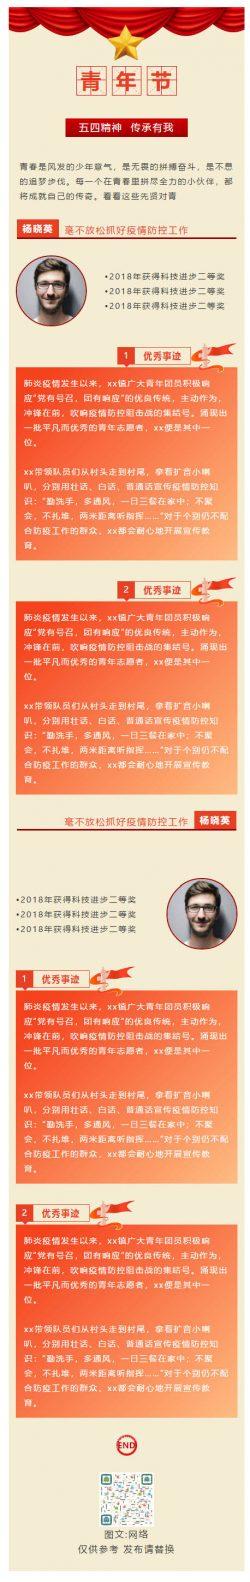 五四青年节表彰大会人物介绍党政风格图文模板公众号推文推送图文素材